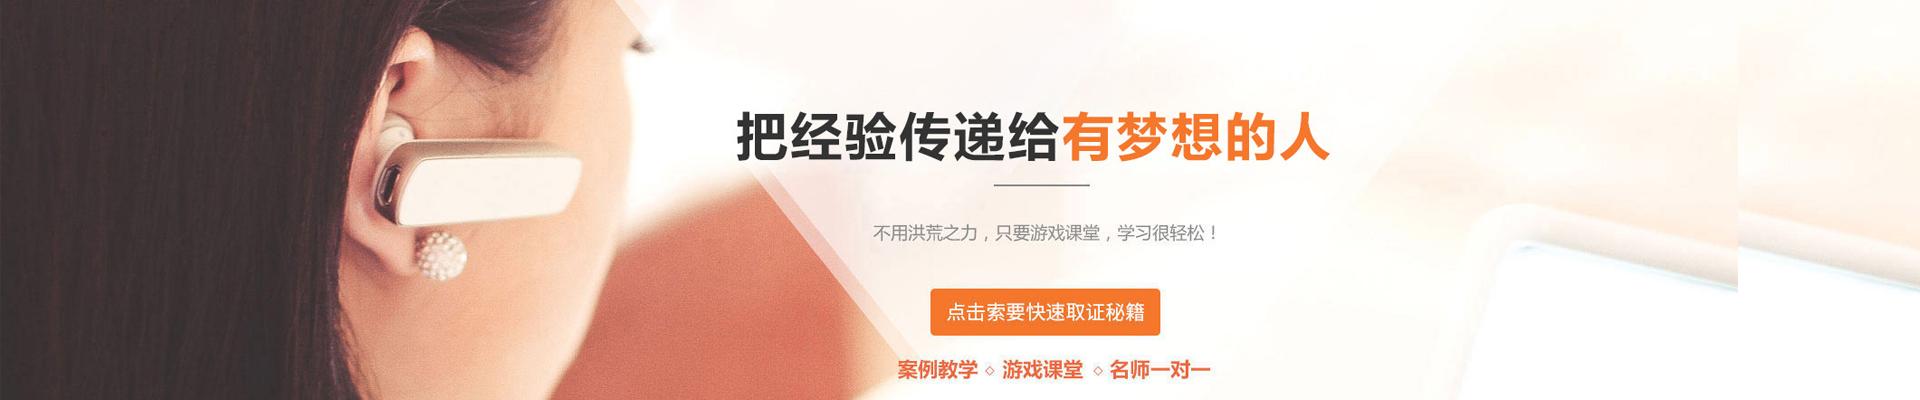 恒企教育—重庆校区